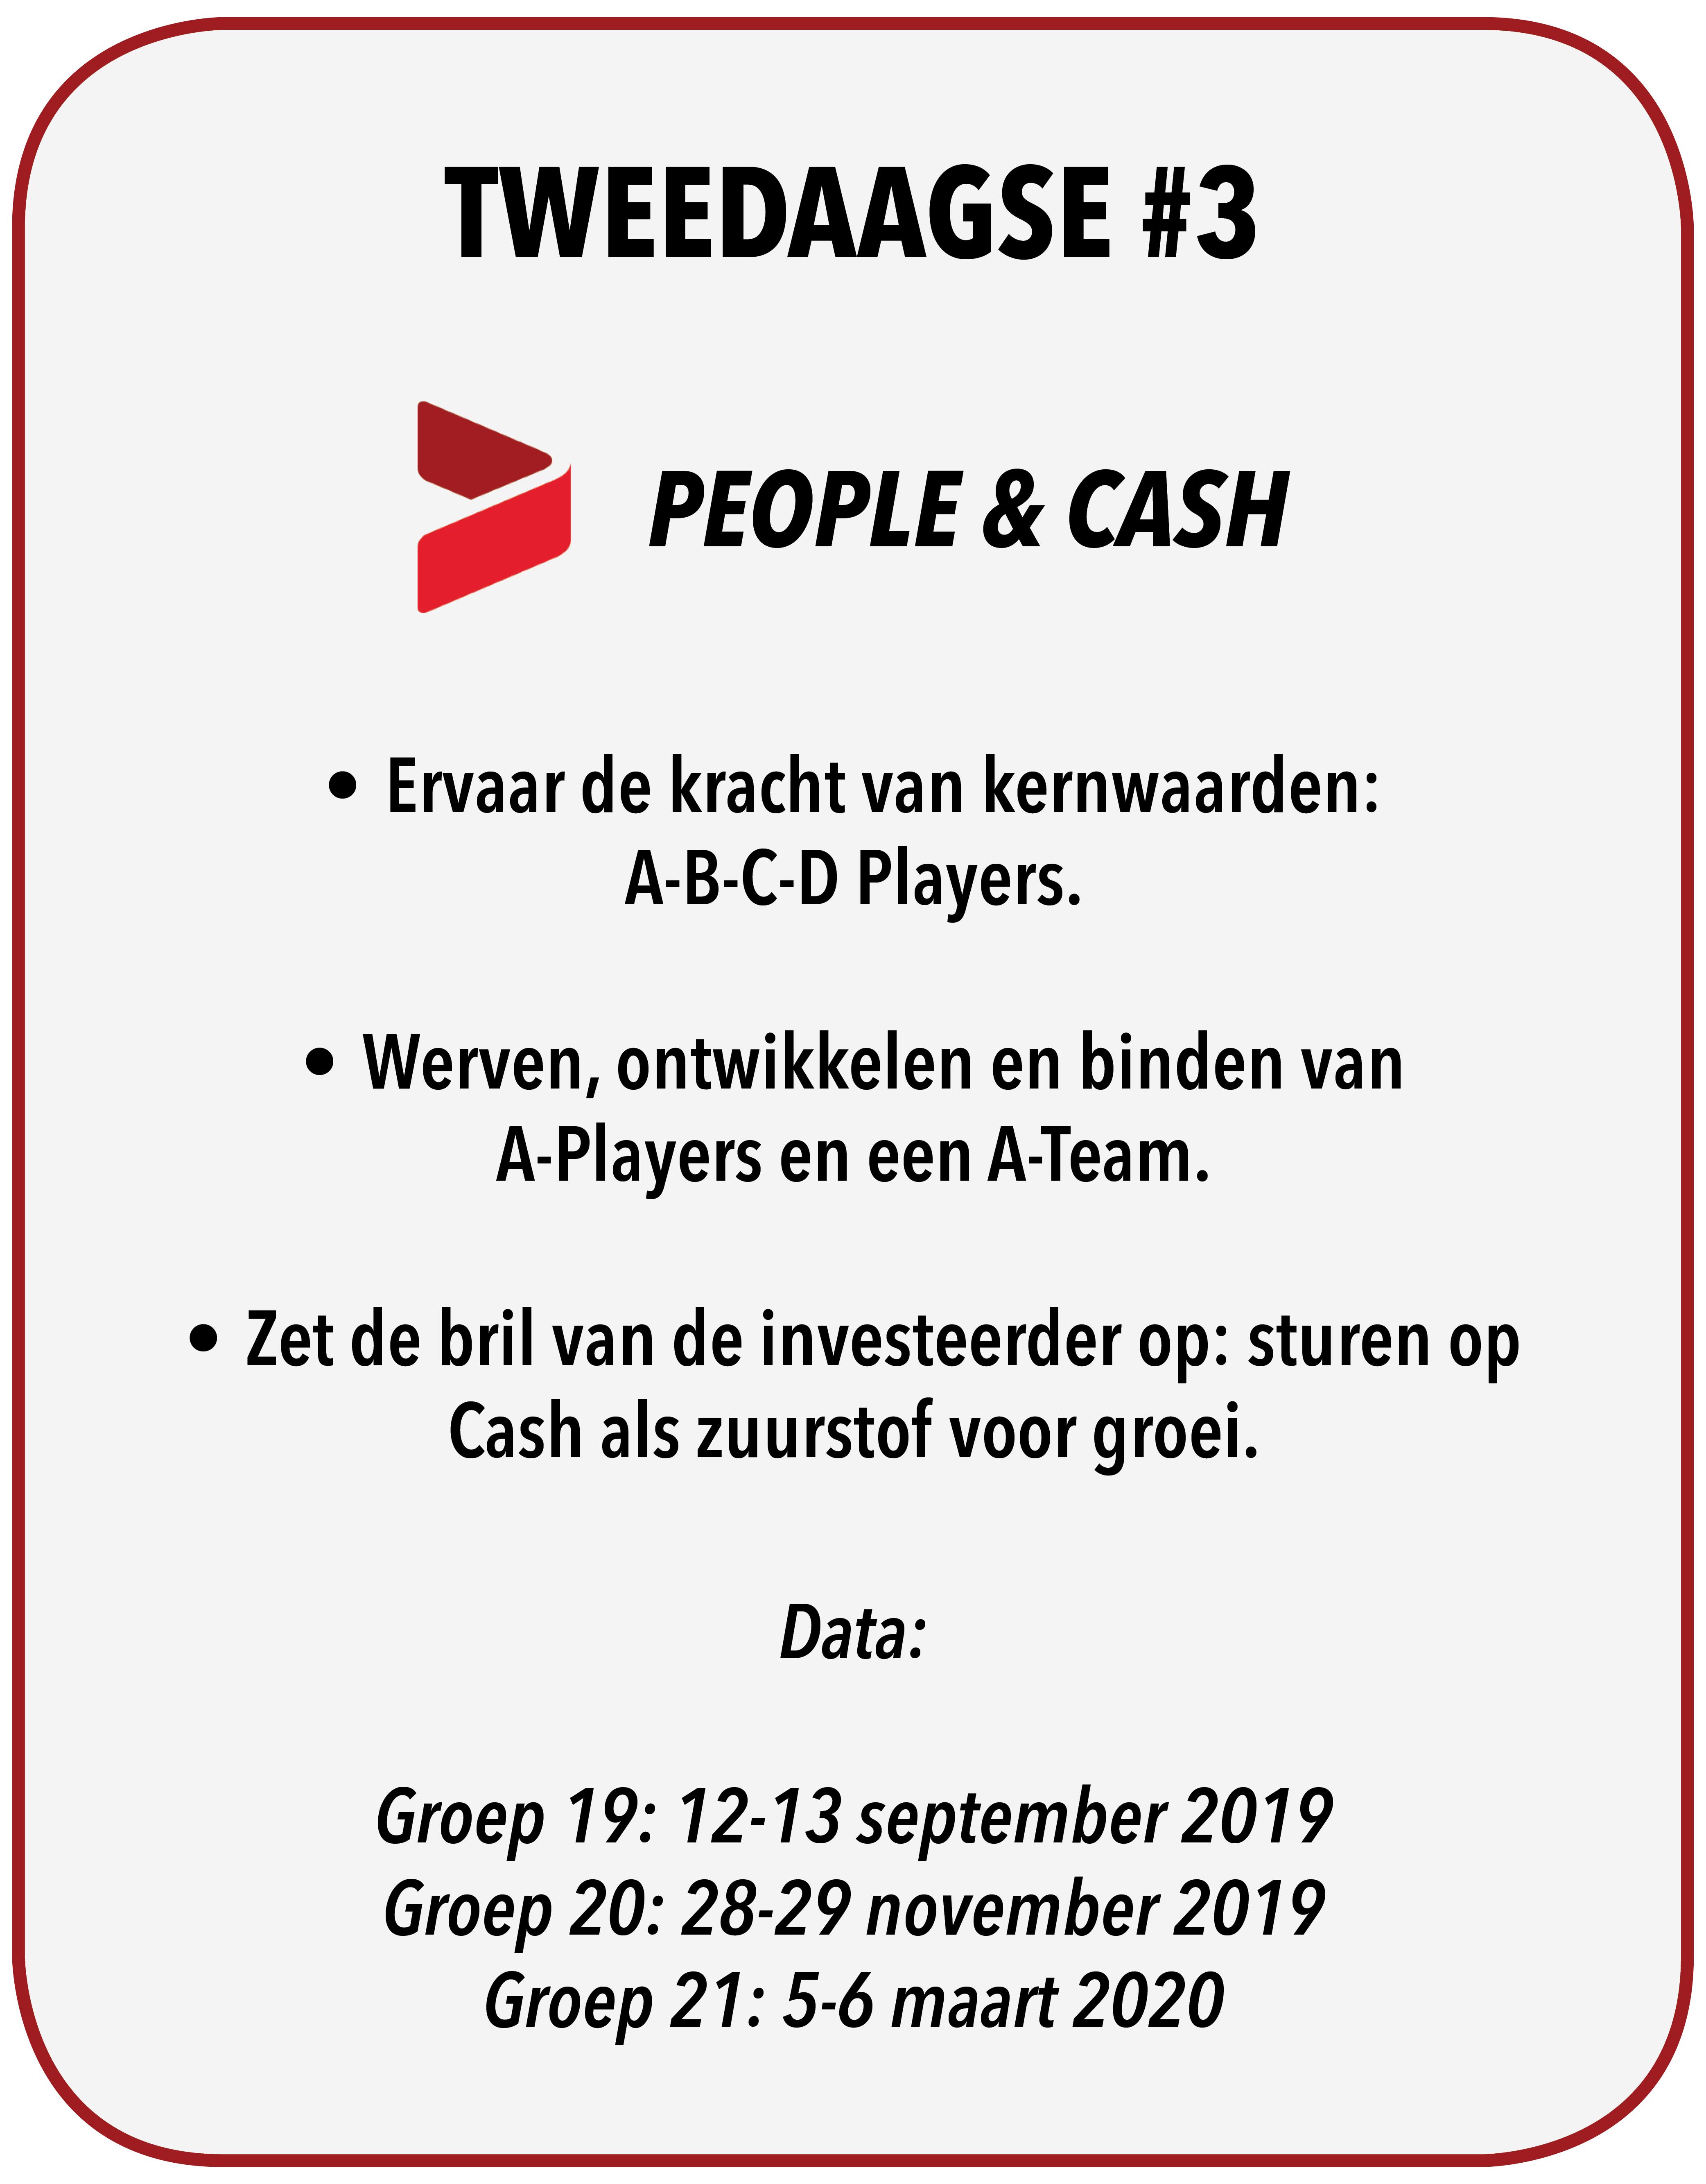 Tweedaagse #3 - People & Cash!